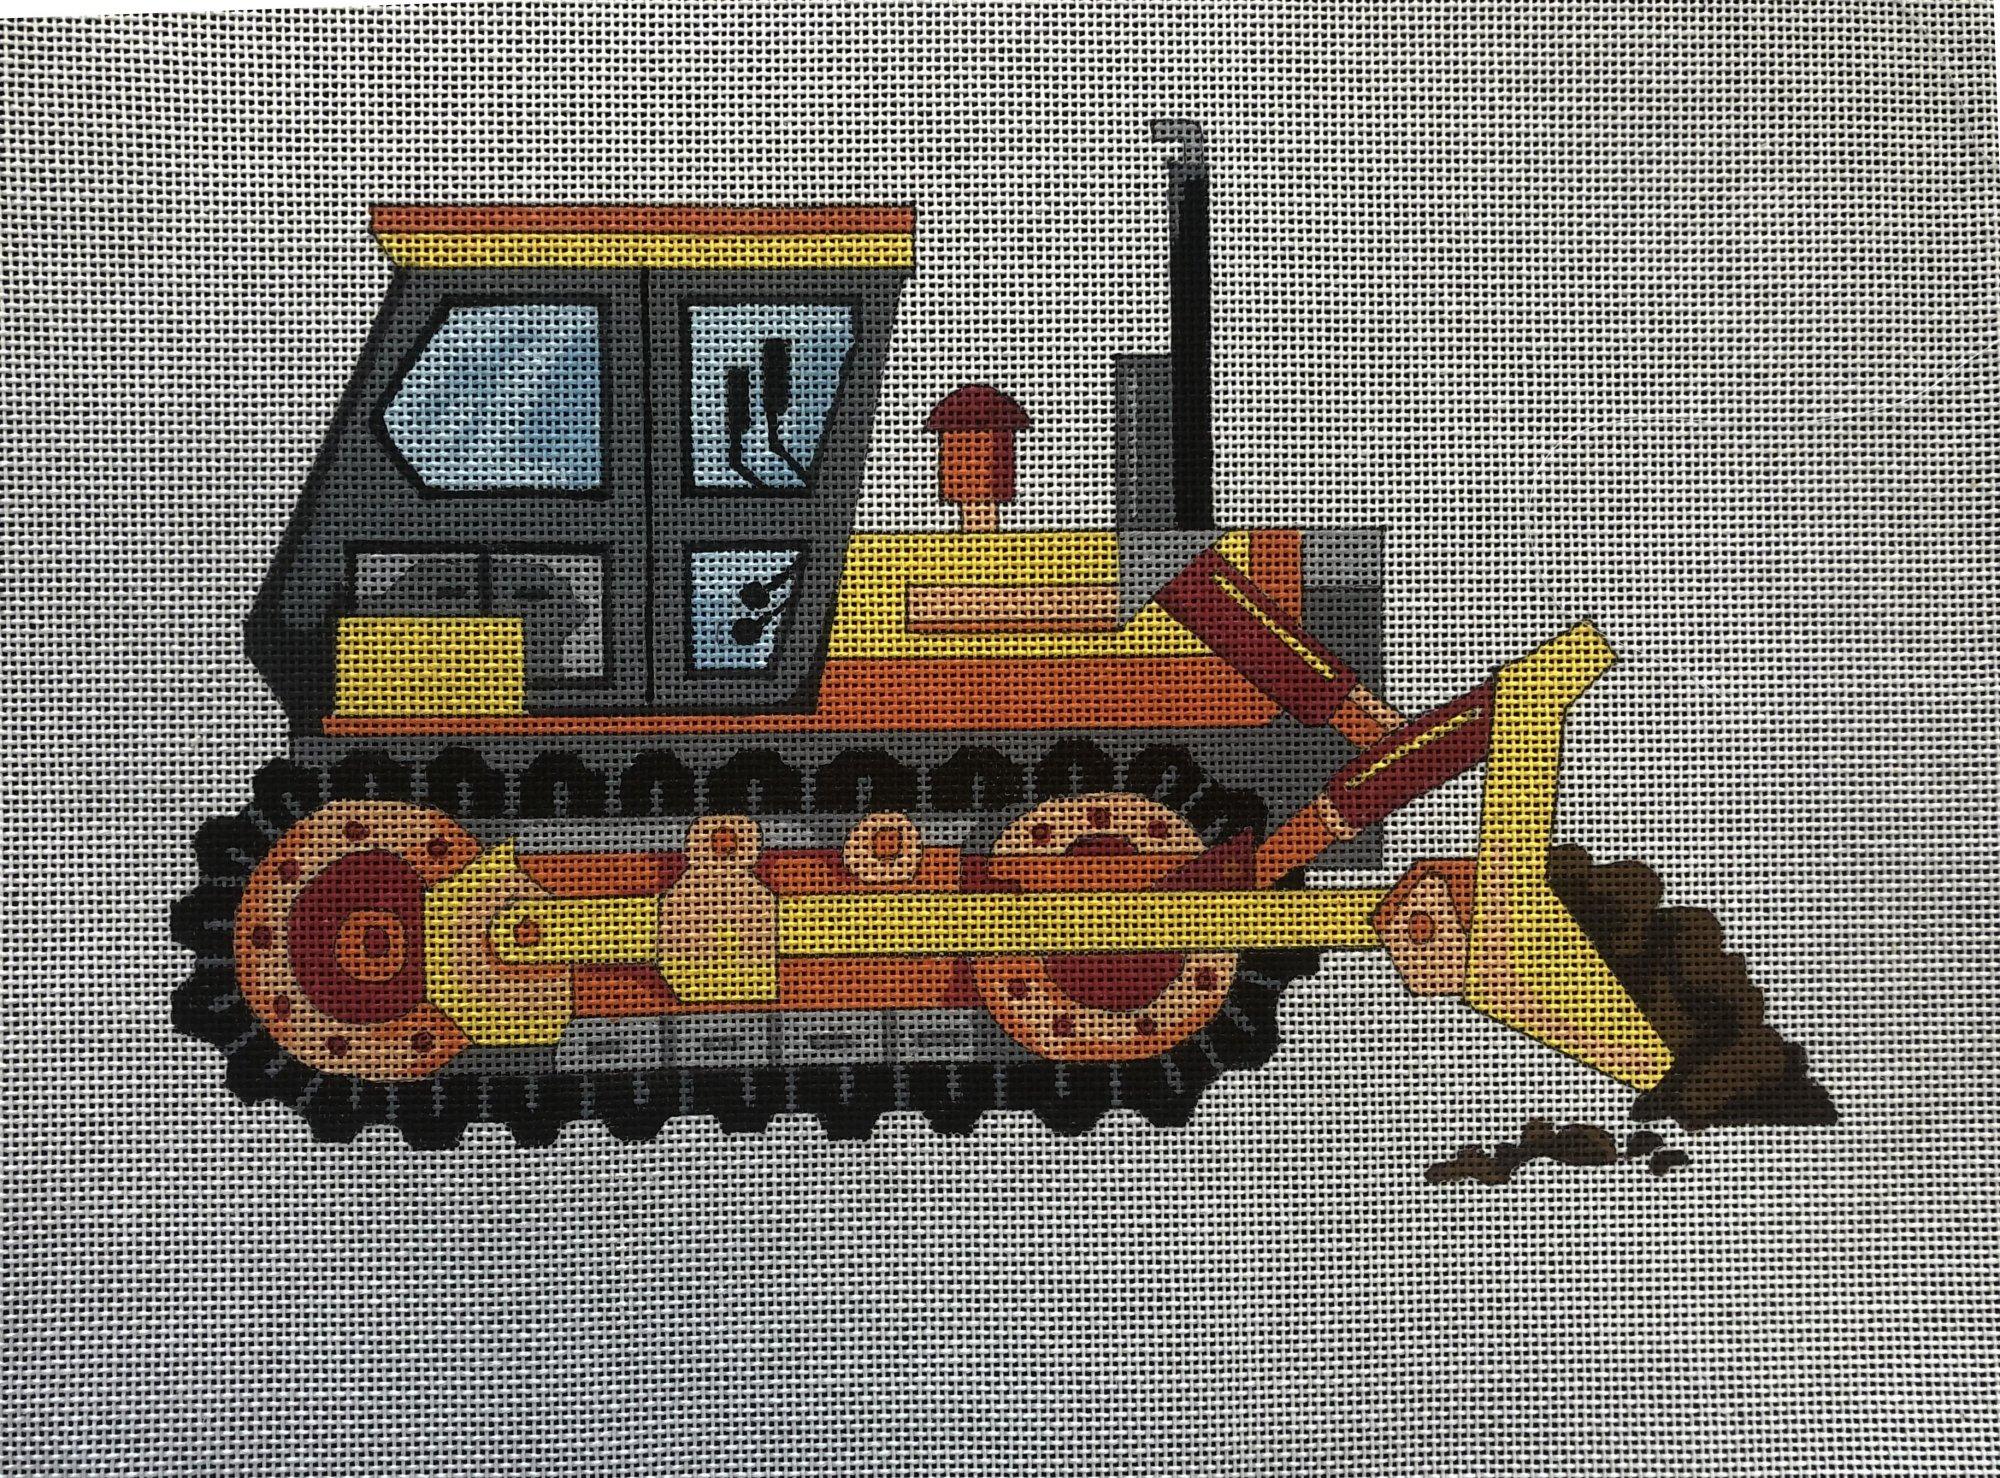 Bulldozer - 13M